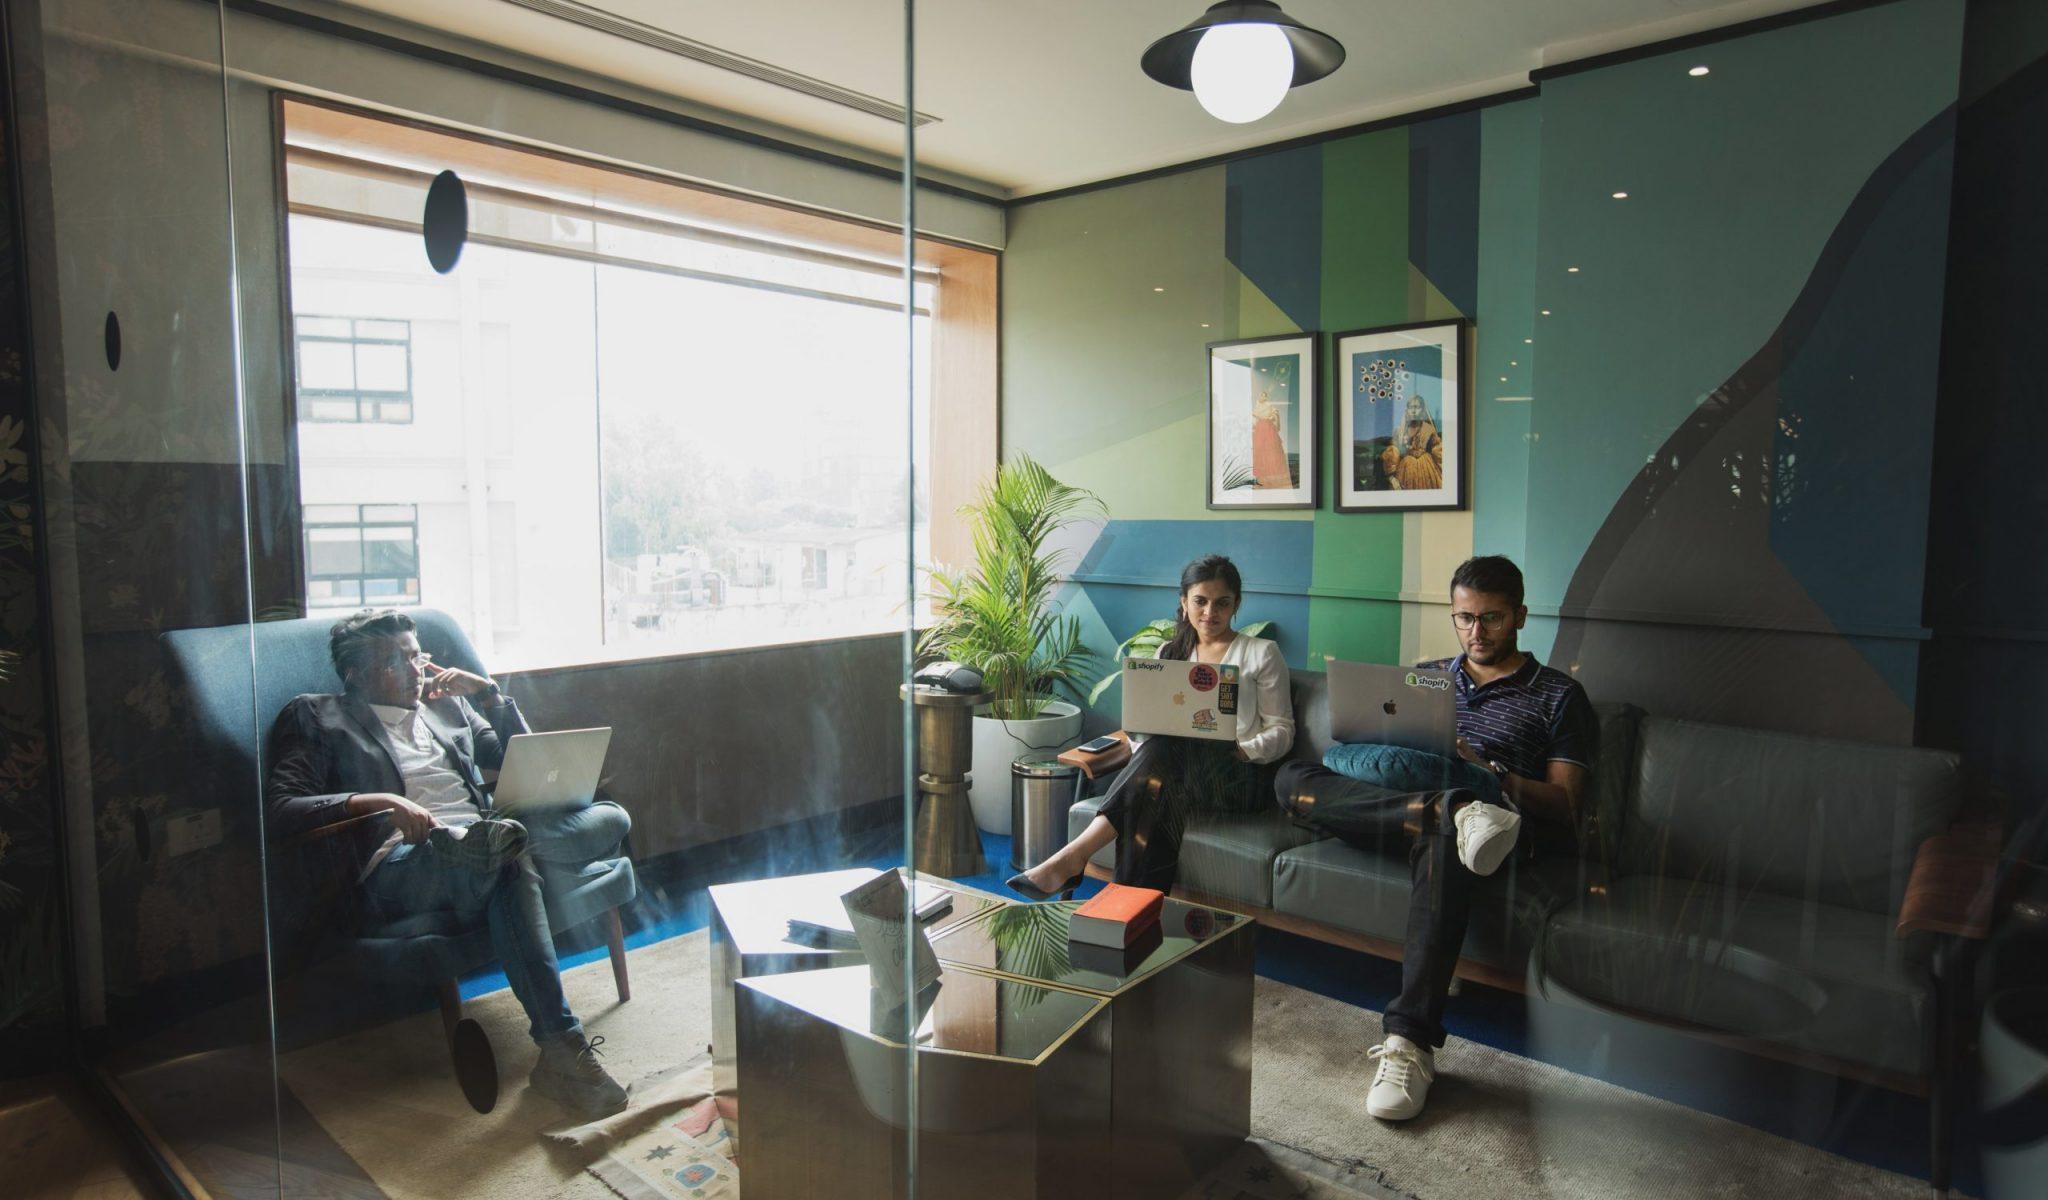 team-in-modern-office-meeting-room